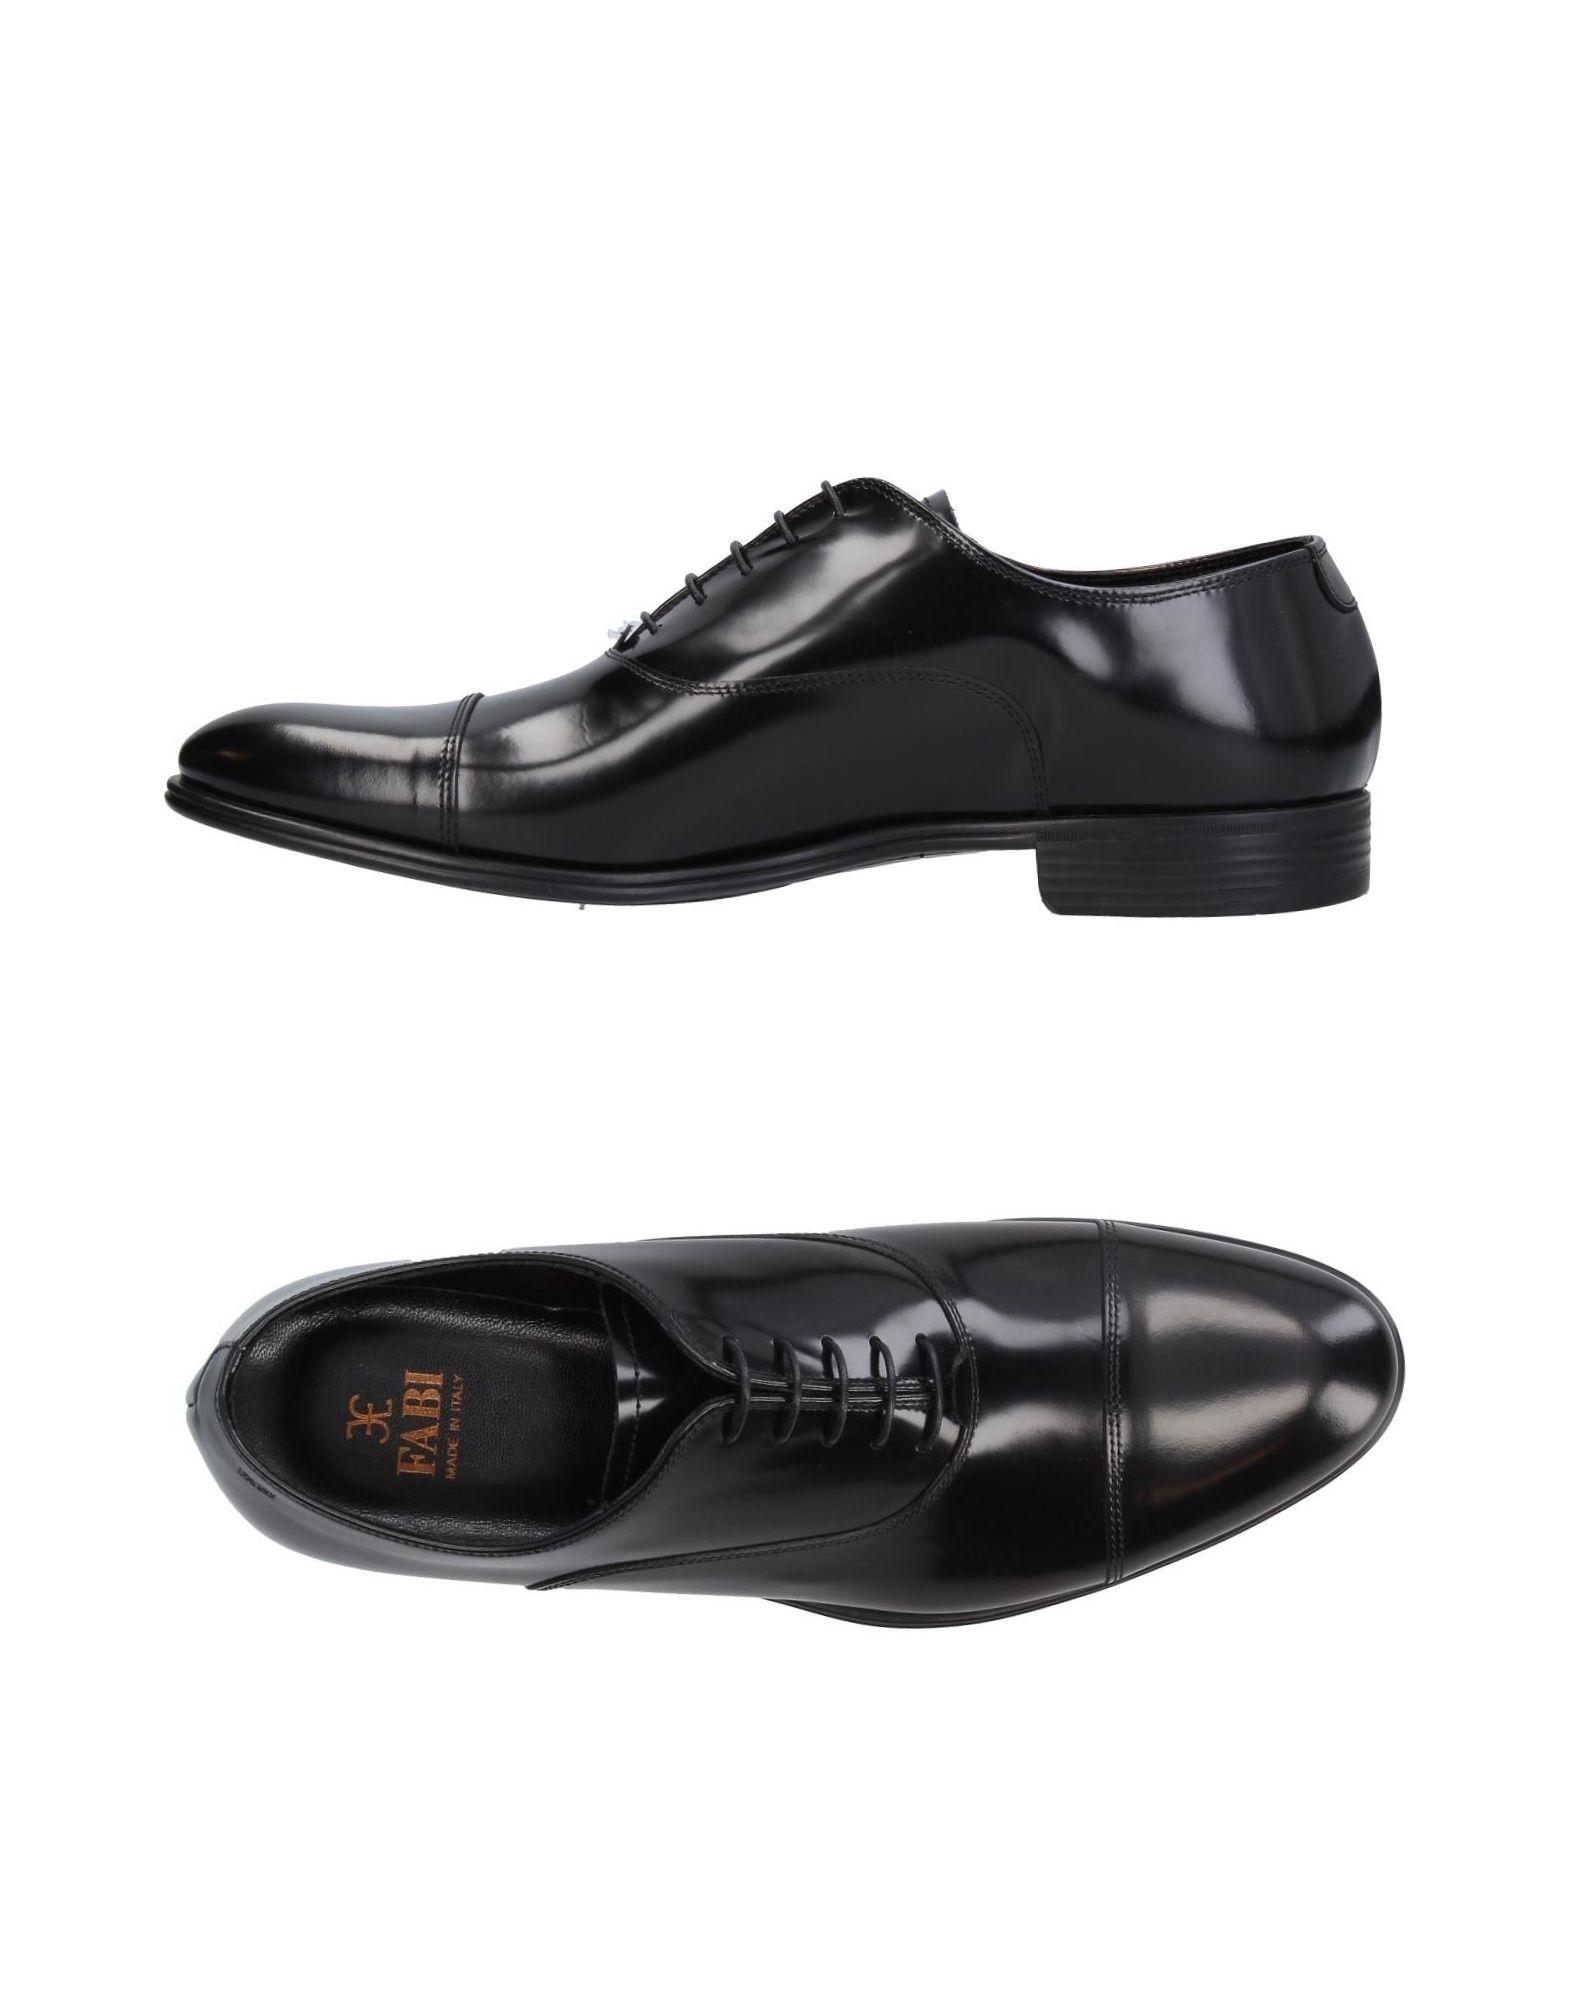 Fabi Schnürschuhe Herren  11386163JW Gute Qualität beliebte Schuhe